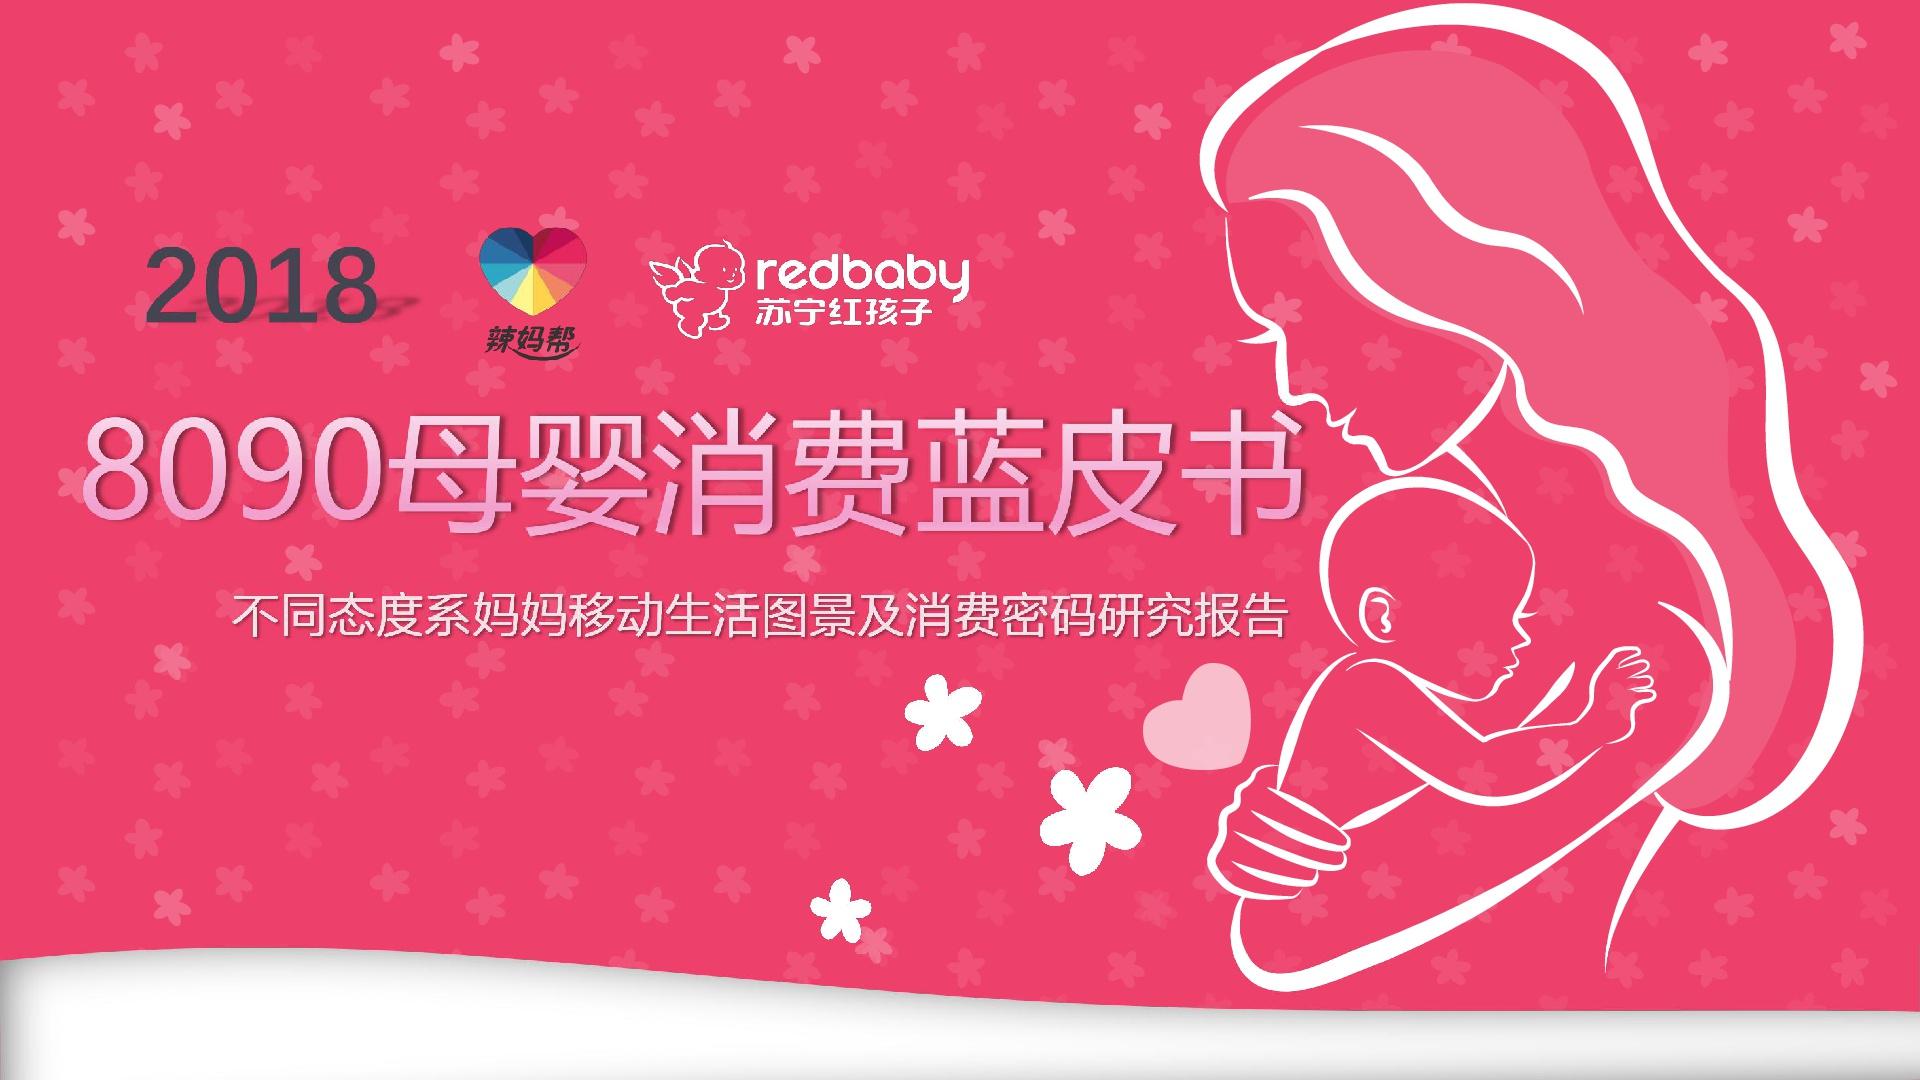 辣妈帮与苏宁红孩子的金牌联姻 分析母婴社区-电商转化路径